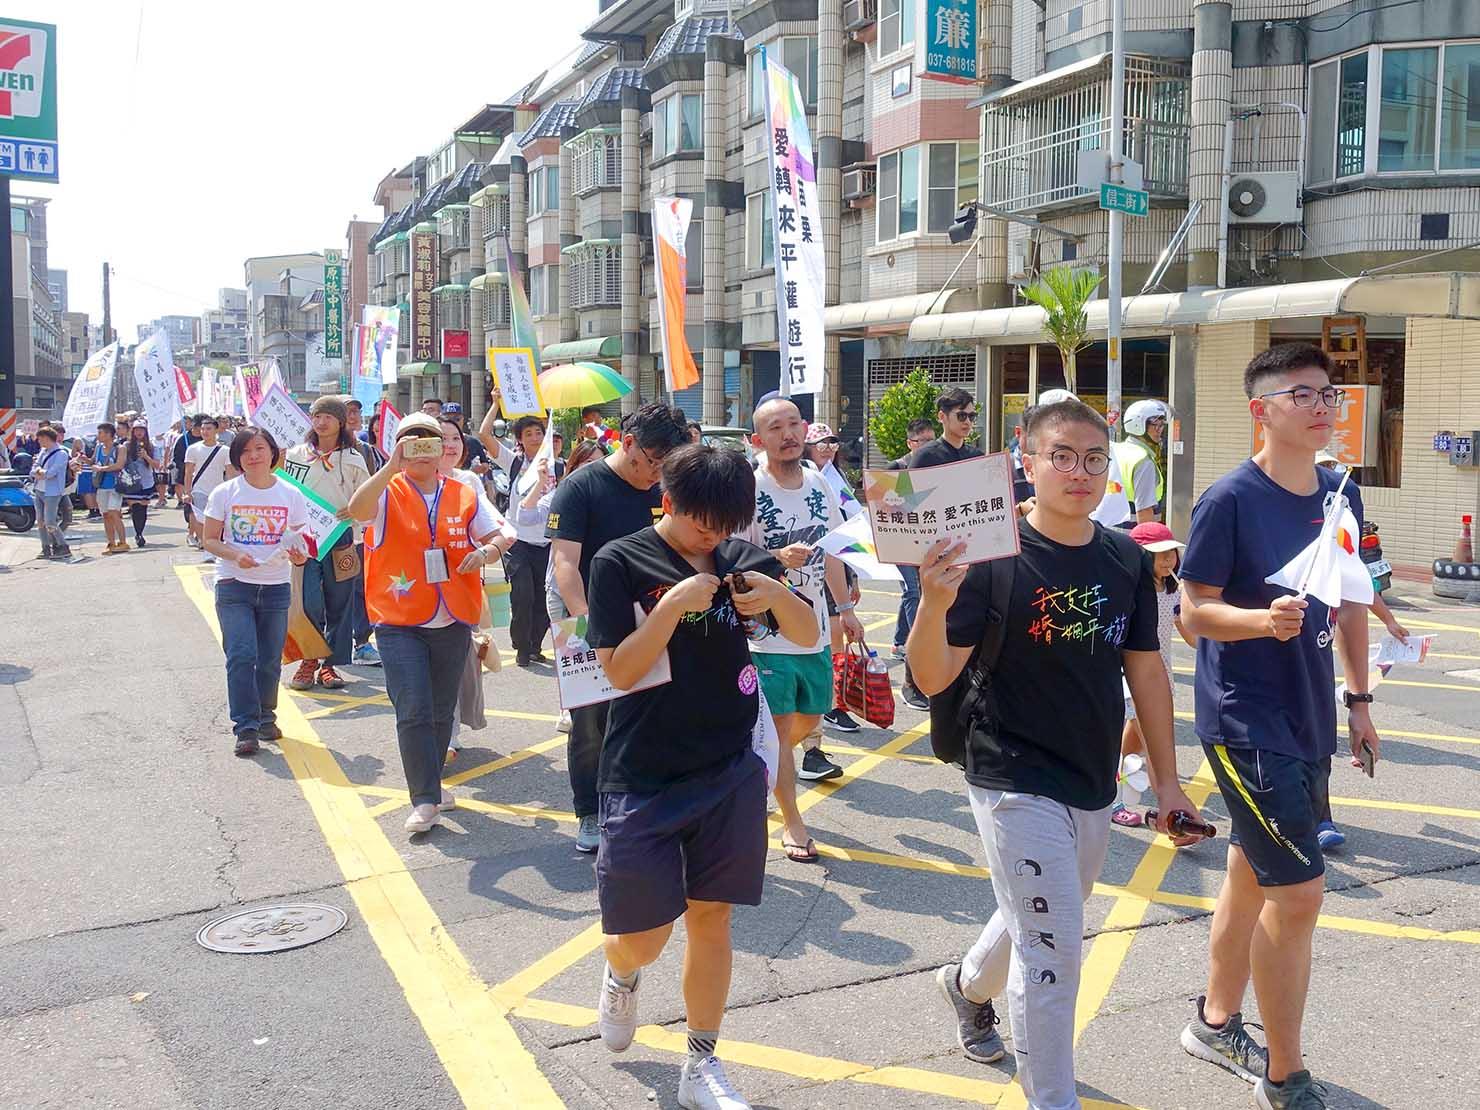 苗栗愛轉來平權遊行(苗栗LGBTプライド)2019でプラカードを掲げてパレードを歩く参加者たち